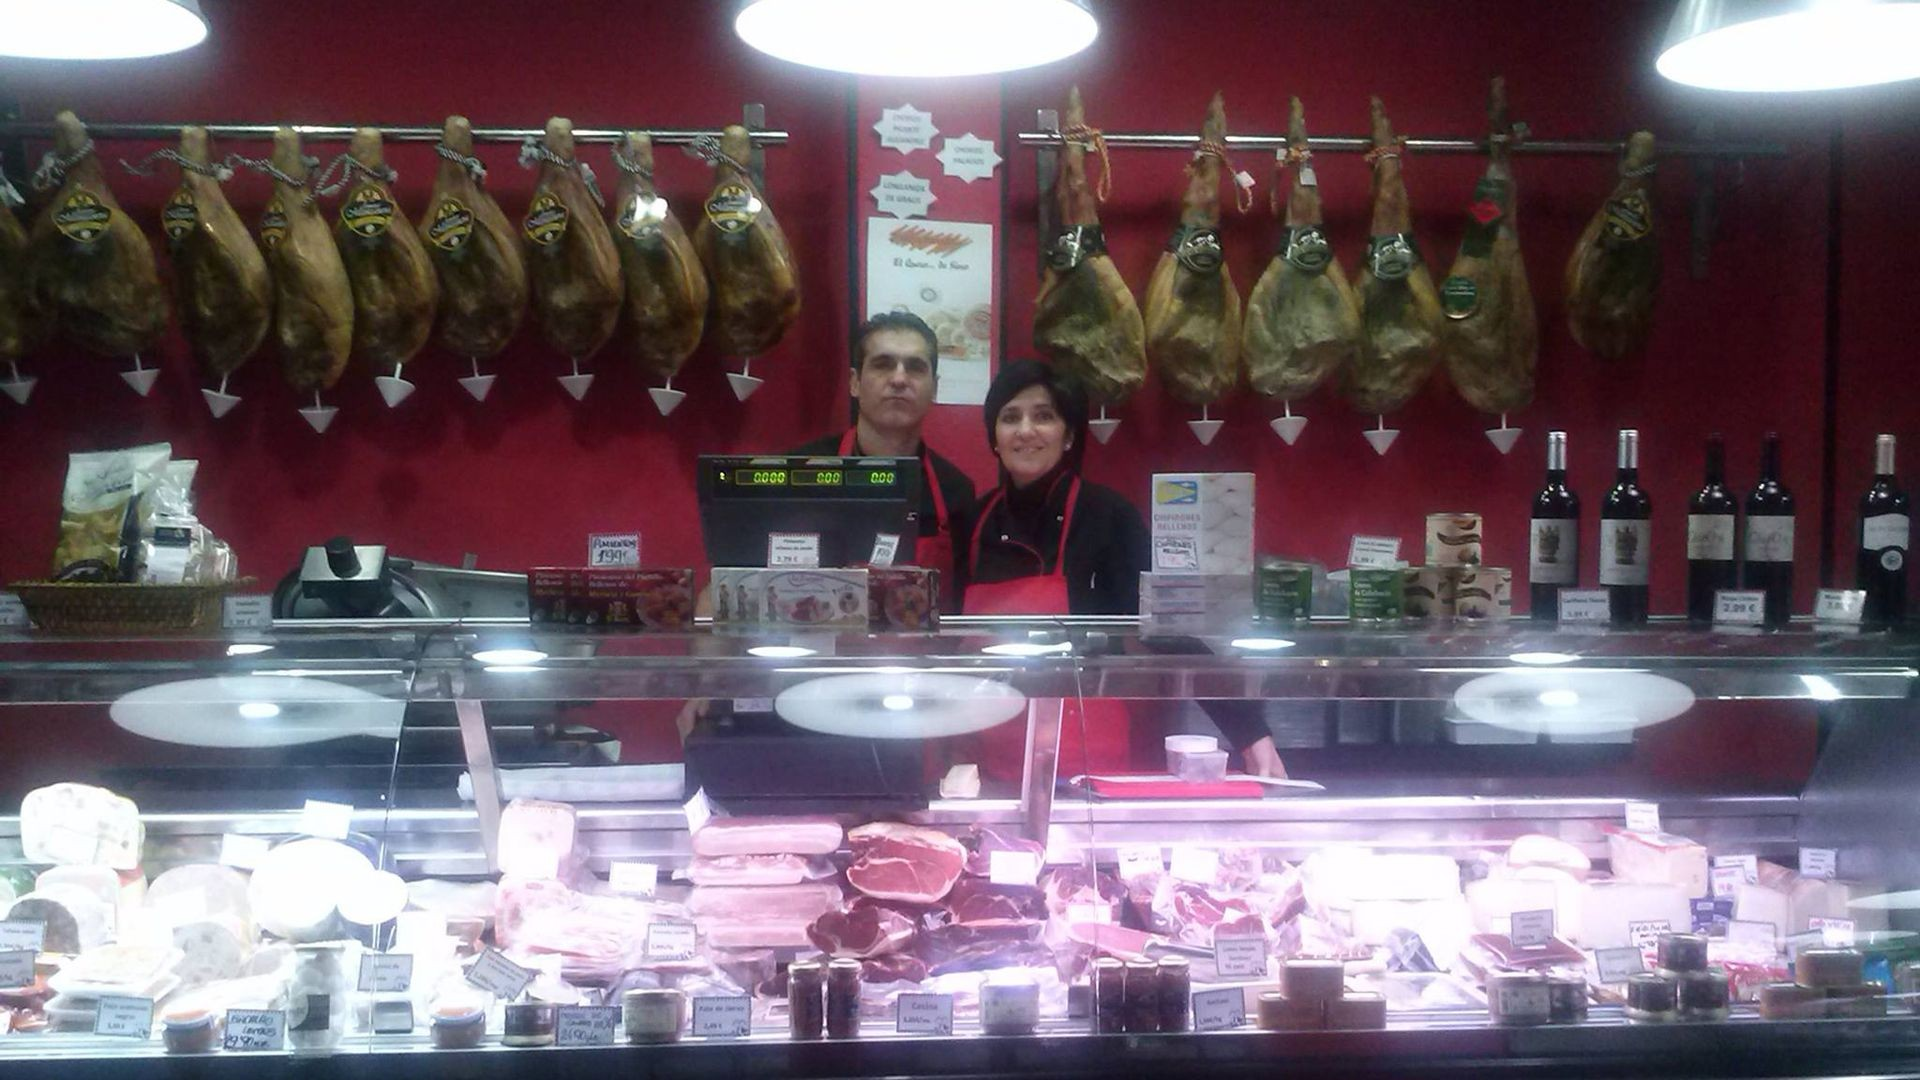 Carnicería Charcutería Zaragoza